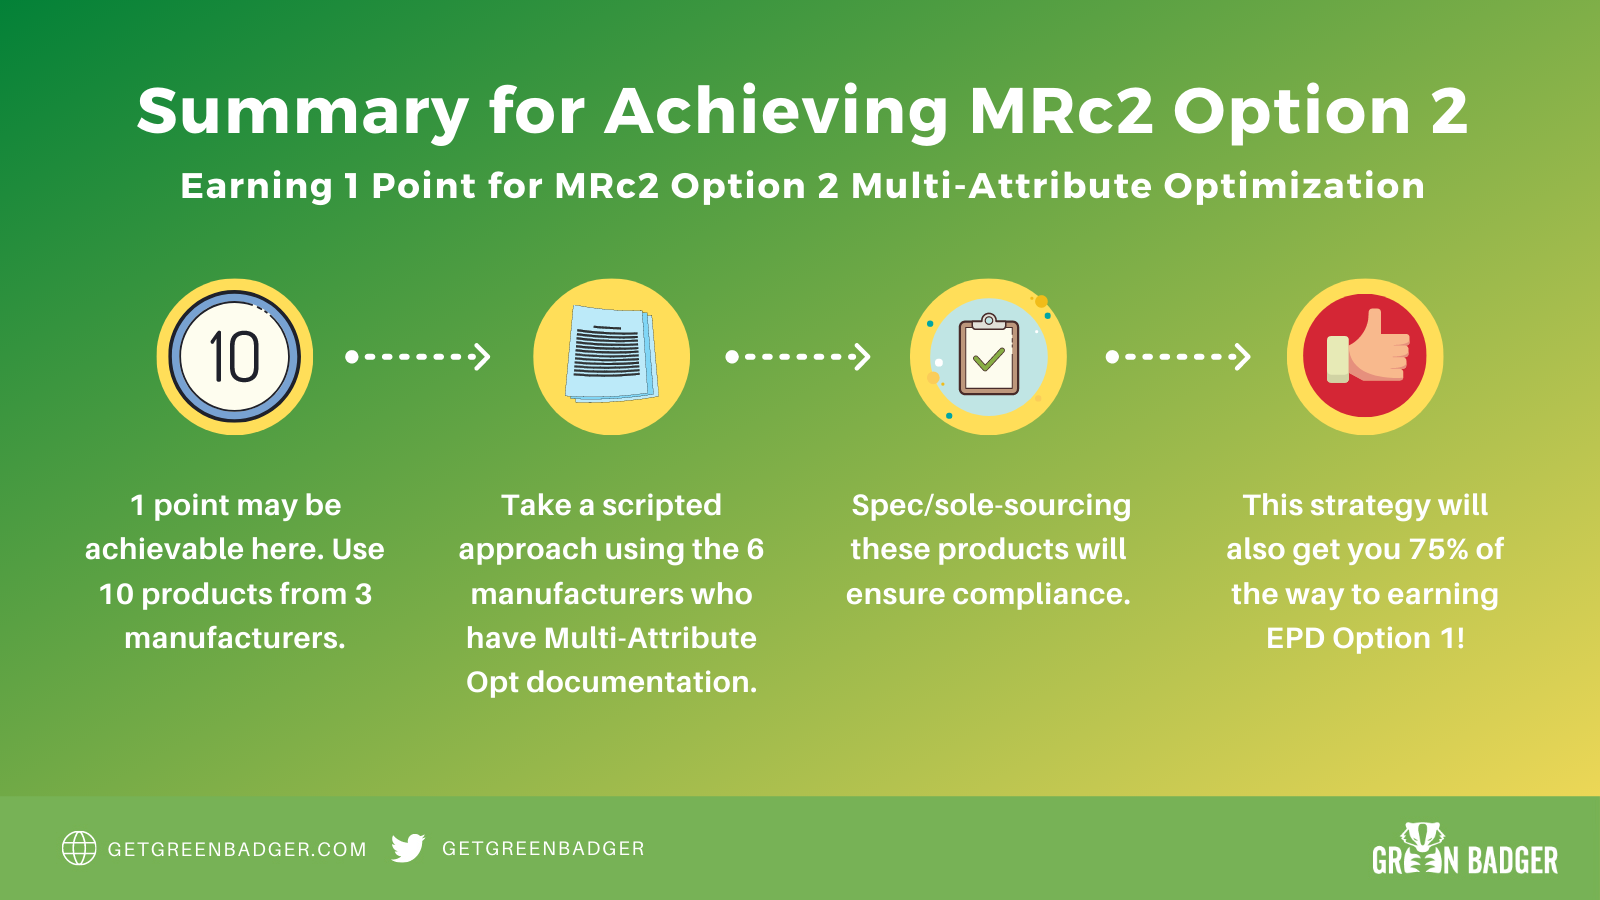 mrc2-option-2-LEEDv4-summary-strategies-2